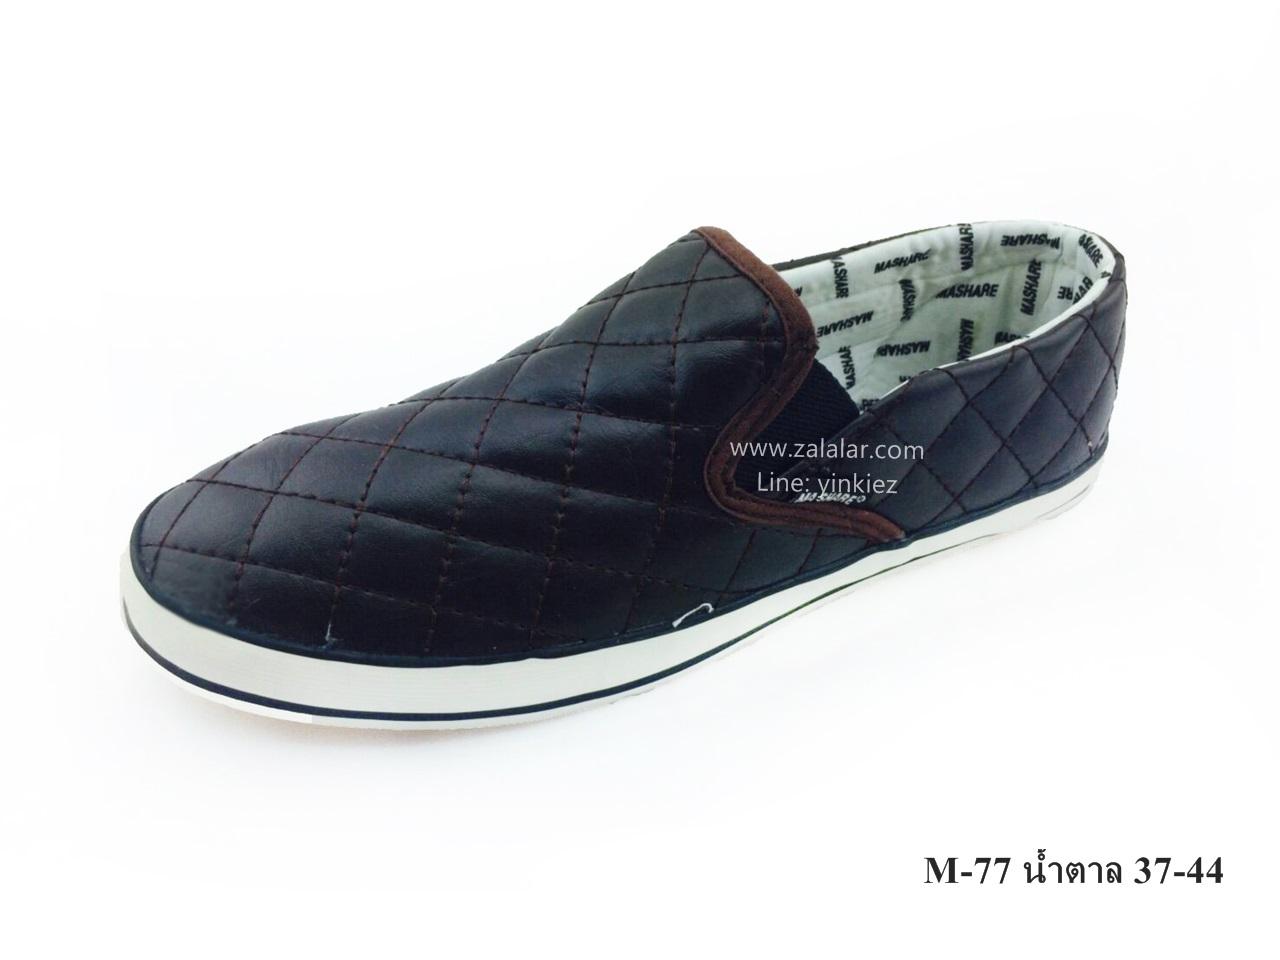 [พร้อมส่ง] รองเท้าผ้าใบแฟชั่น รุ่น M-77 สีน้ำตาล แบบหนัง (สวม)